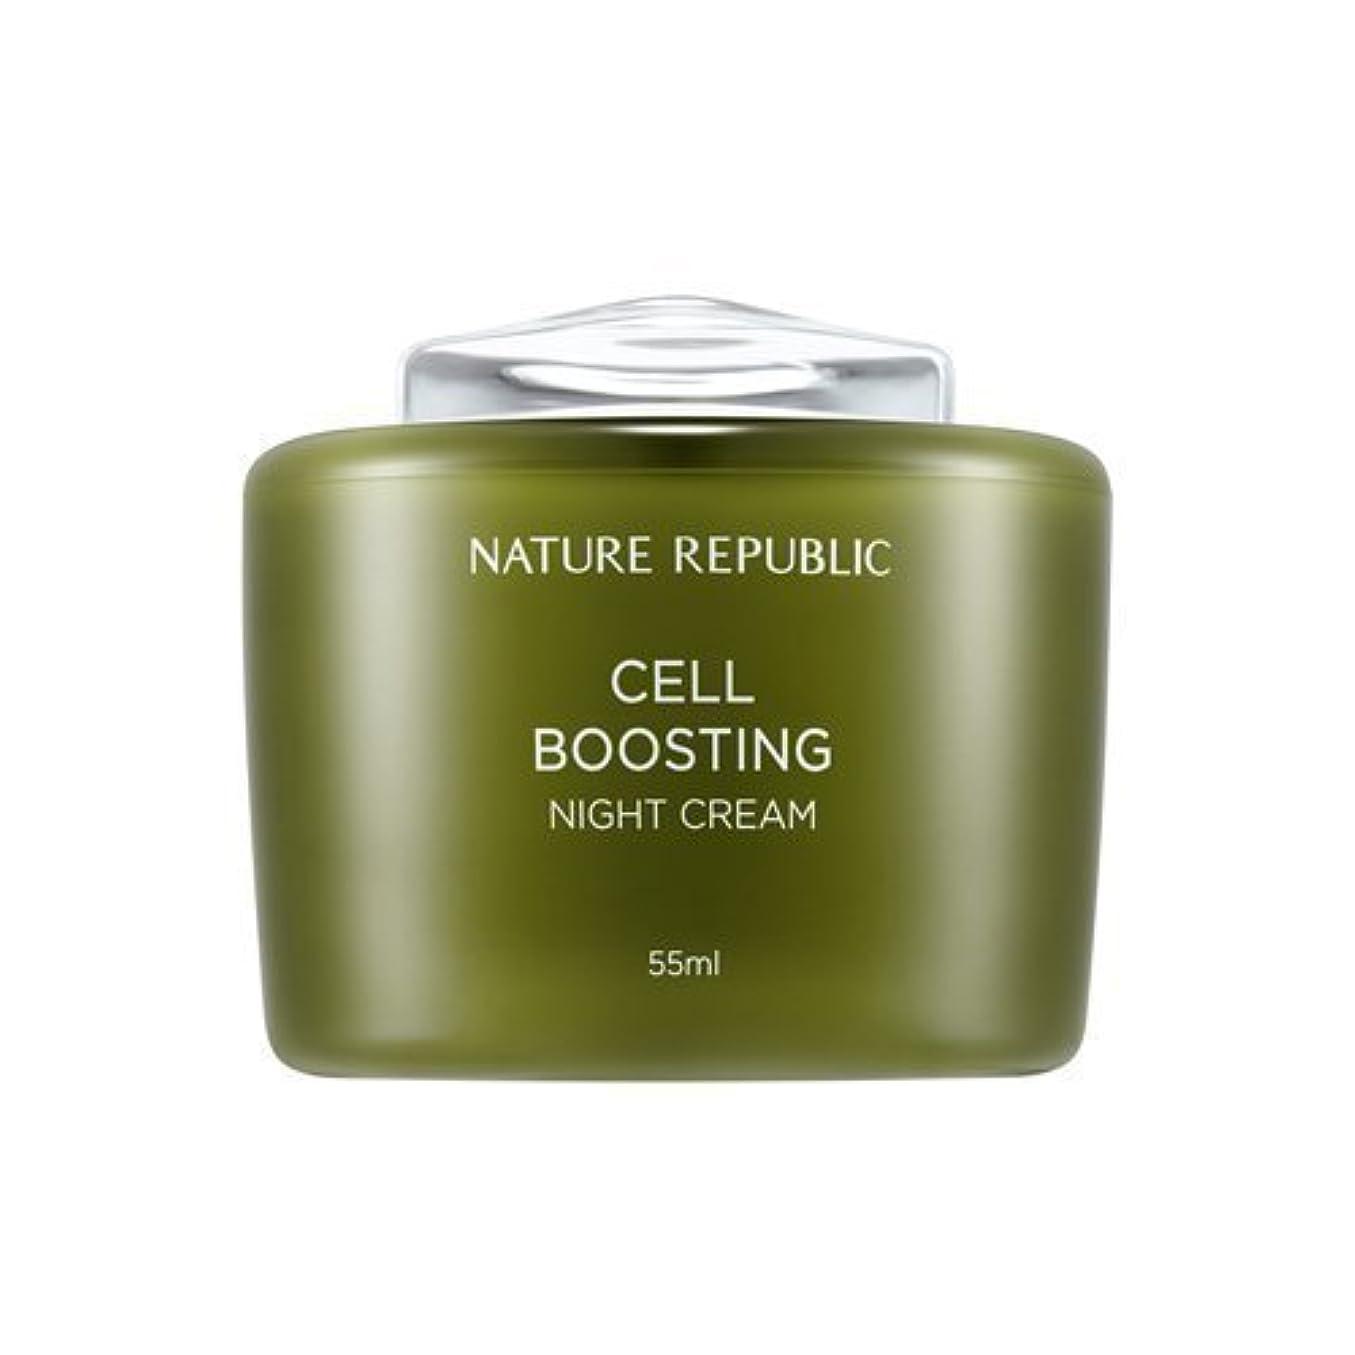 助手省略アンカーNATUREREPUBLIC Cell boosting Night Cream/セルブースティングナイトクリーム+[Sample Gift](海外直送品)